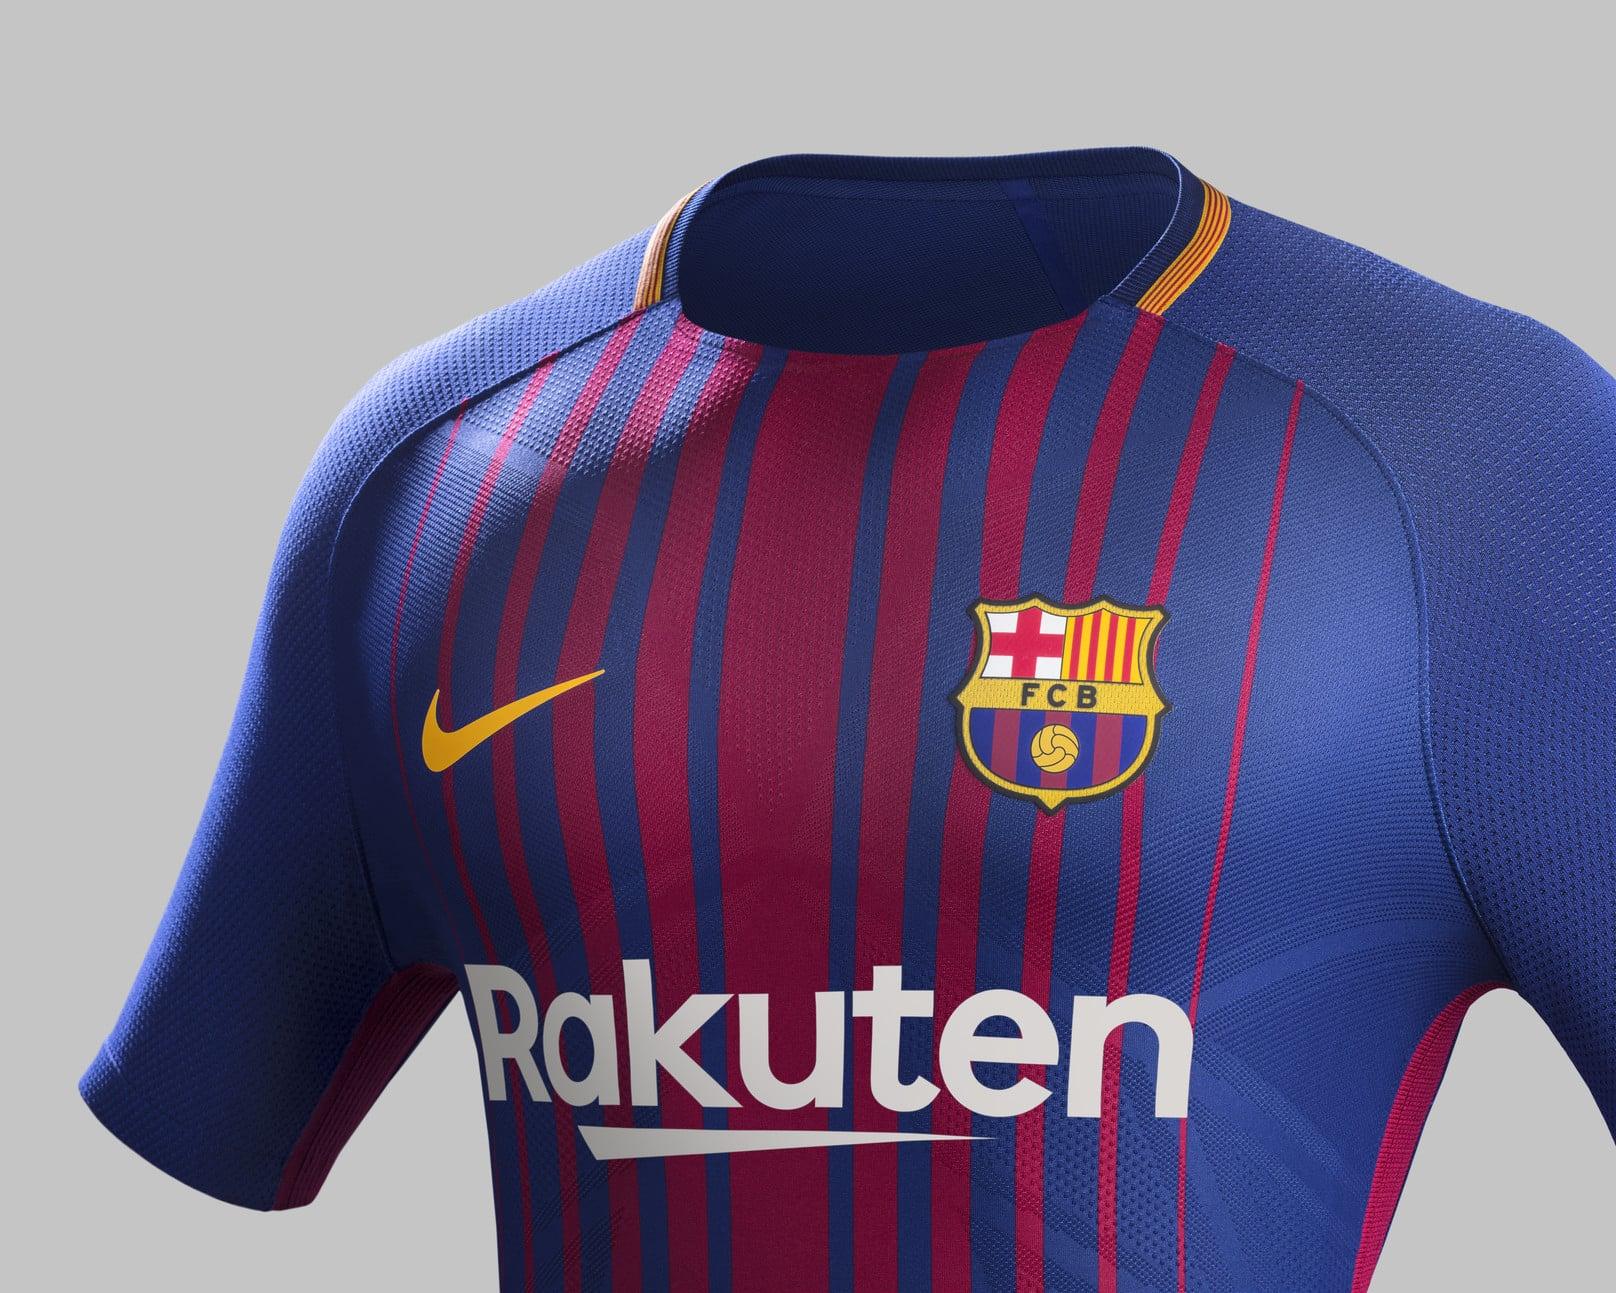 nouveau-maillot-fc-barcelone-nike-2017-2018